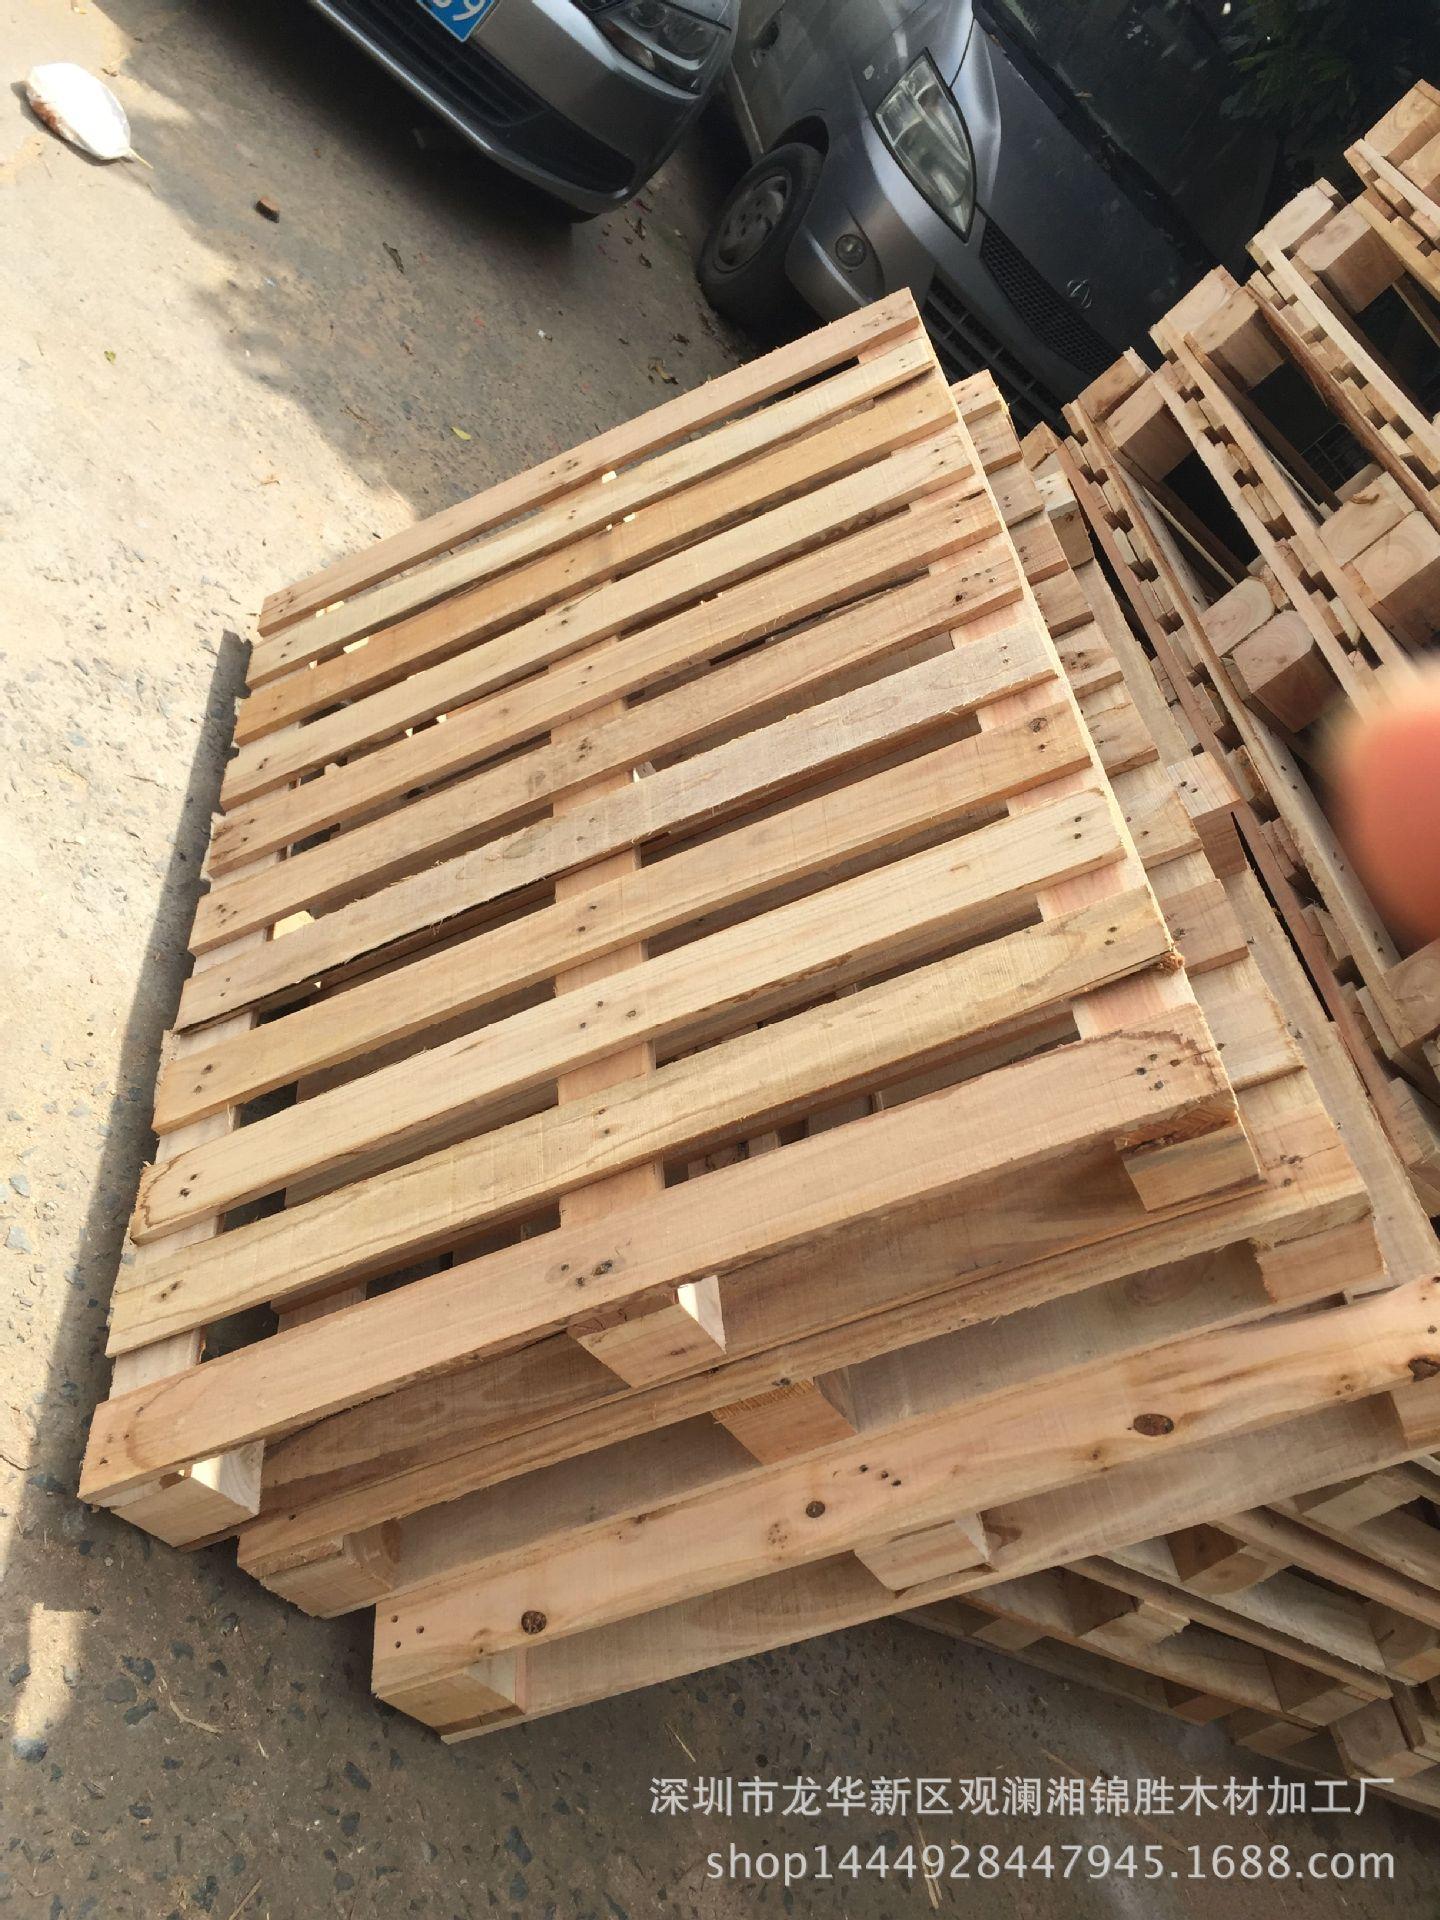 深圳木卡板_生產銷售進叉木卡板 深圳環保實木木卡板 免熏蒸倉庫 - 阿里巴巴